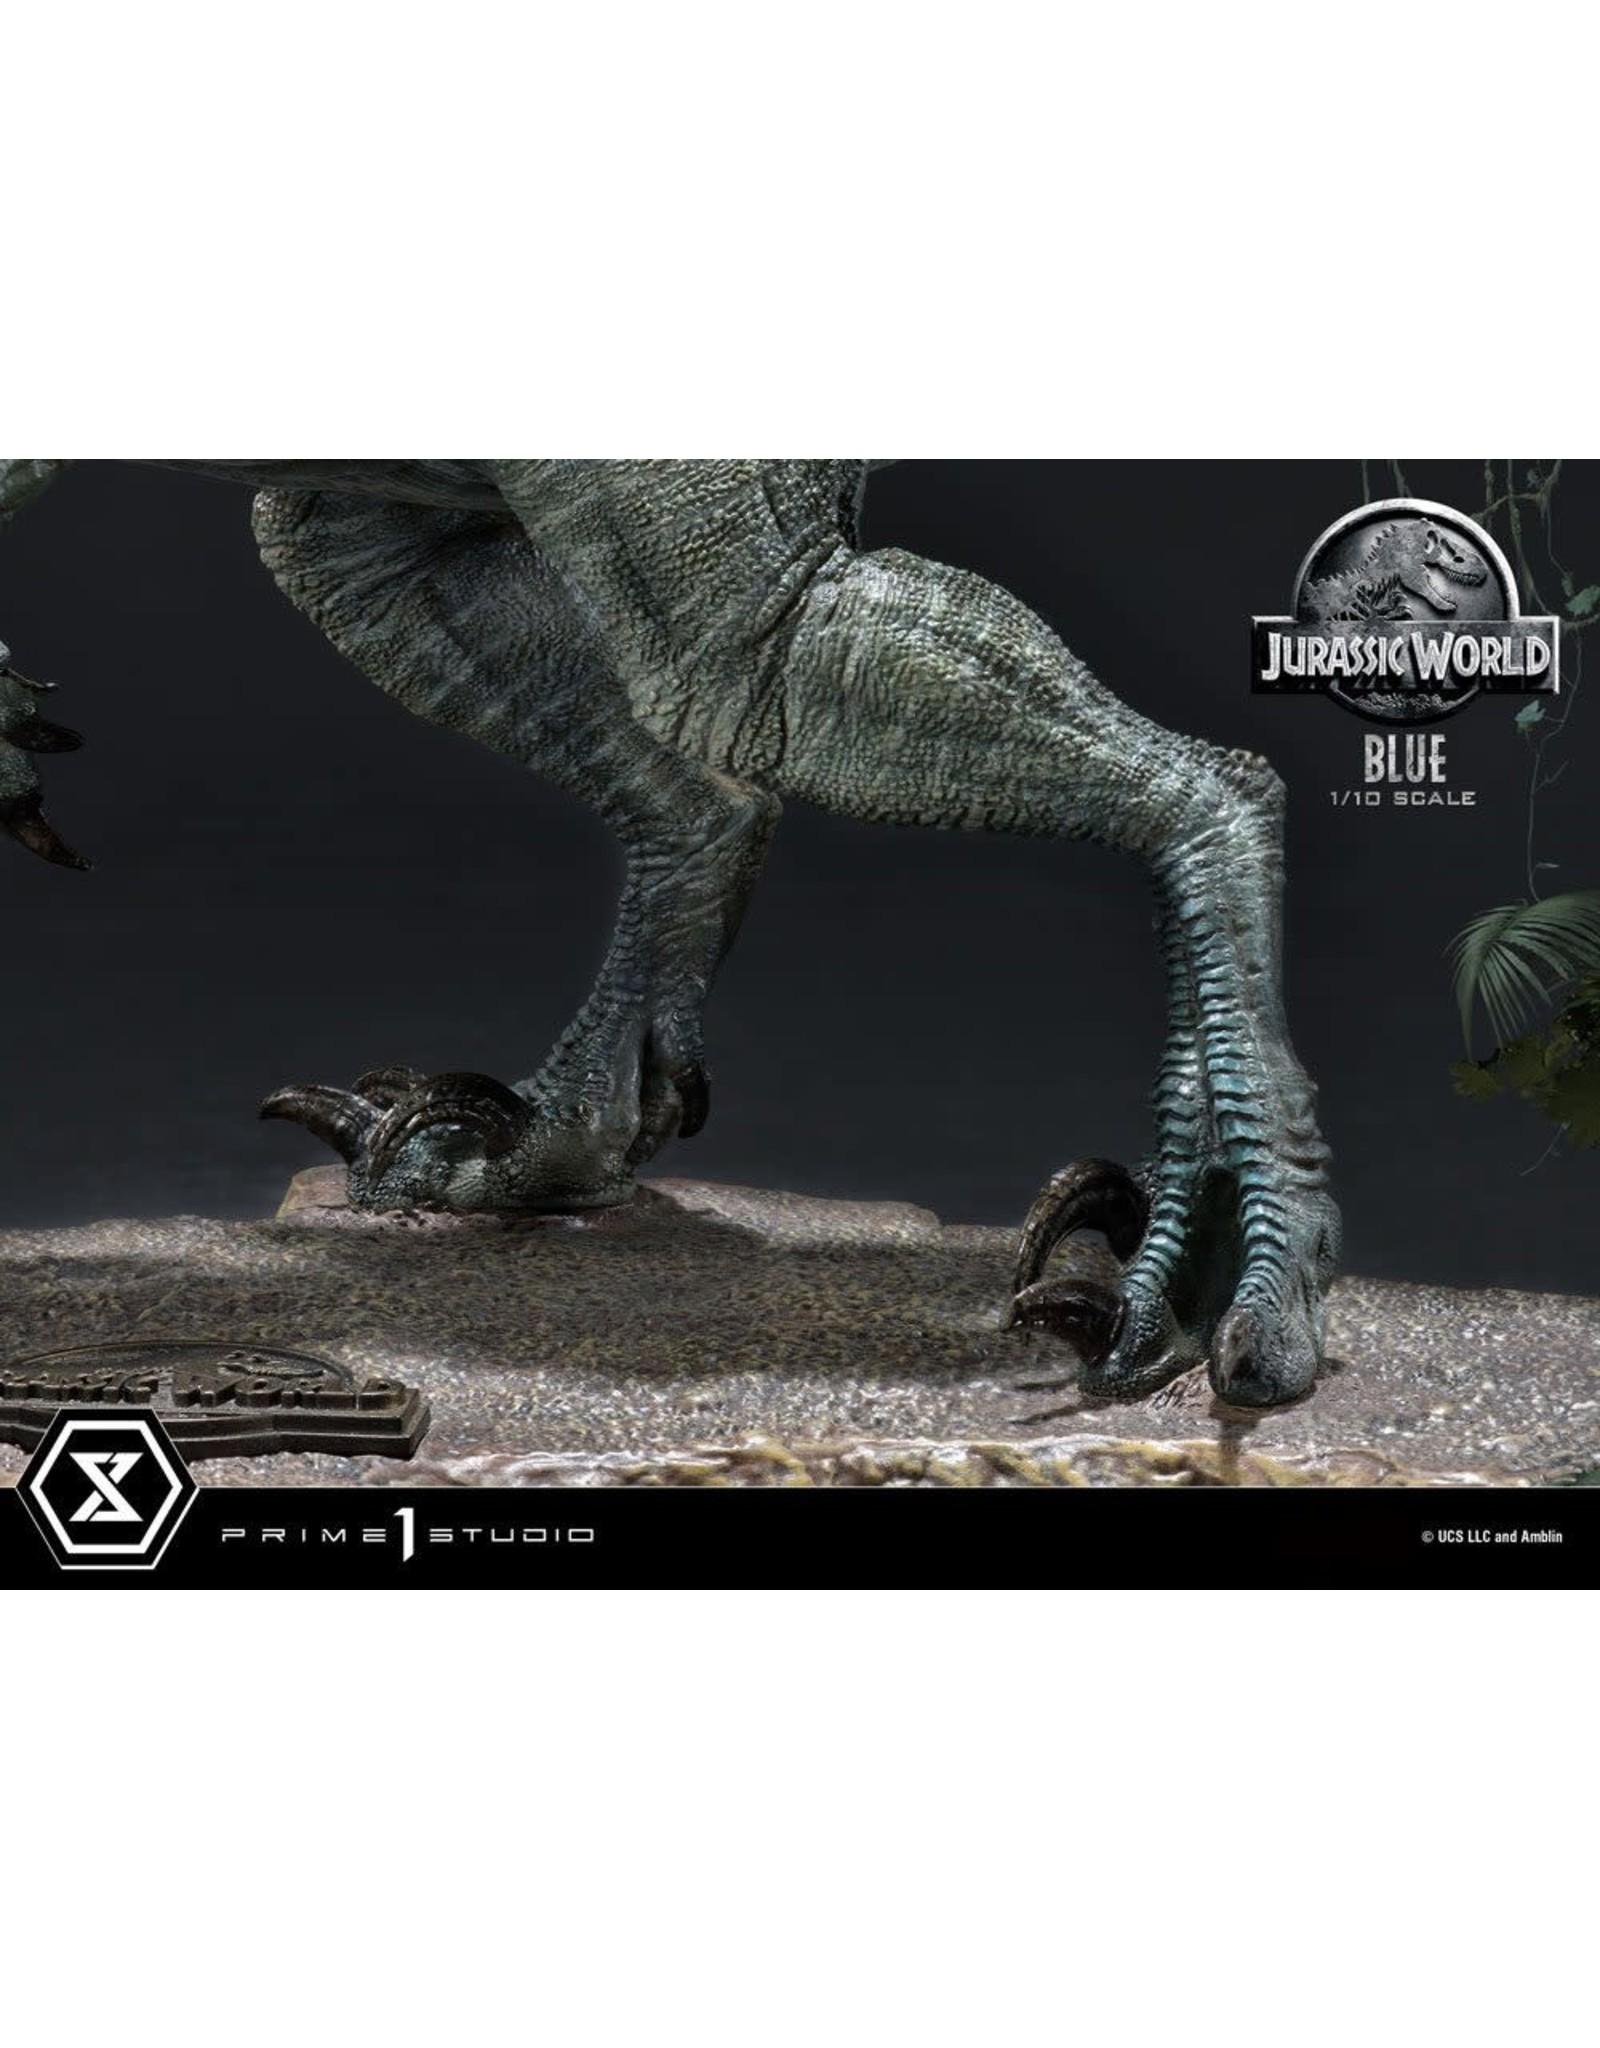 Prime 1 Studio JURASSIC WORLD: Fallen Kingdom Prime Collectibles PVC Statue 1/10 17cm -  Blue (Open Mouth Version)